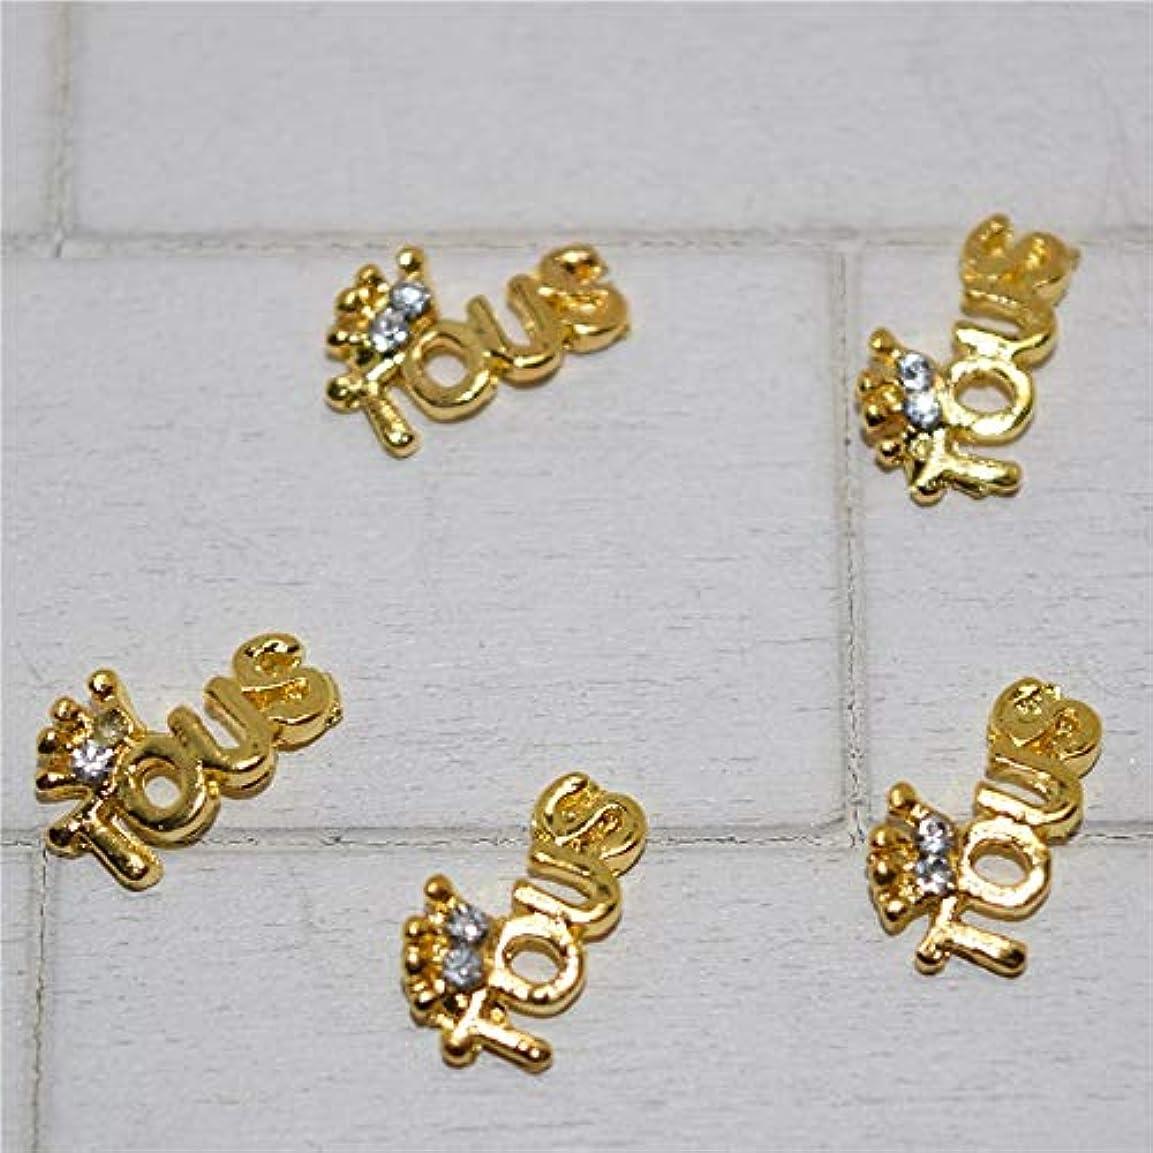 の間にエゴイズムトラブル10psc新ゴールデンラインストーンの手紙3Dネイルアートの装飾、合金ネイルチャーム、爪ラインストーンネイル用品